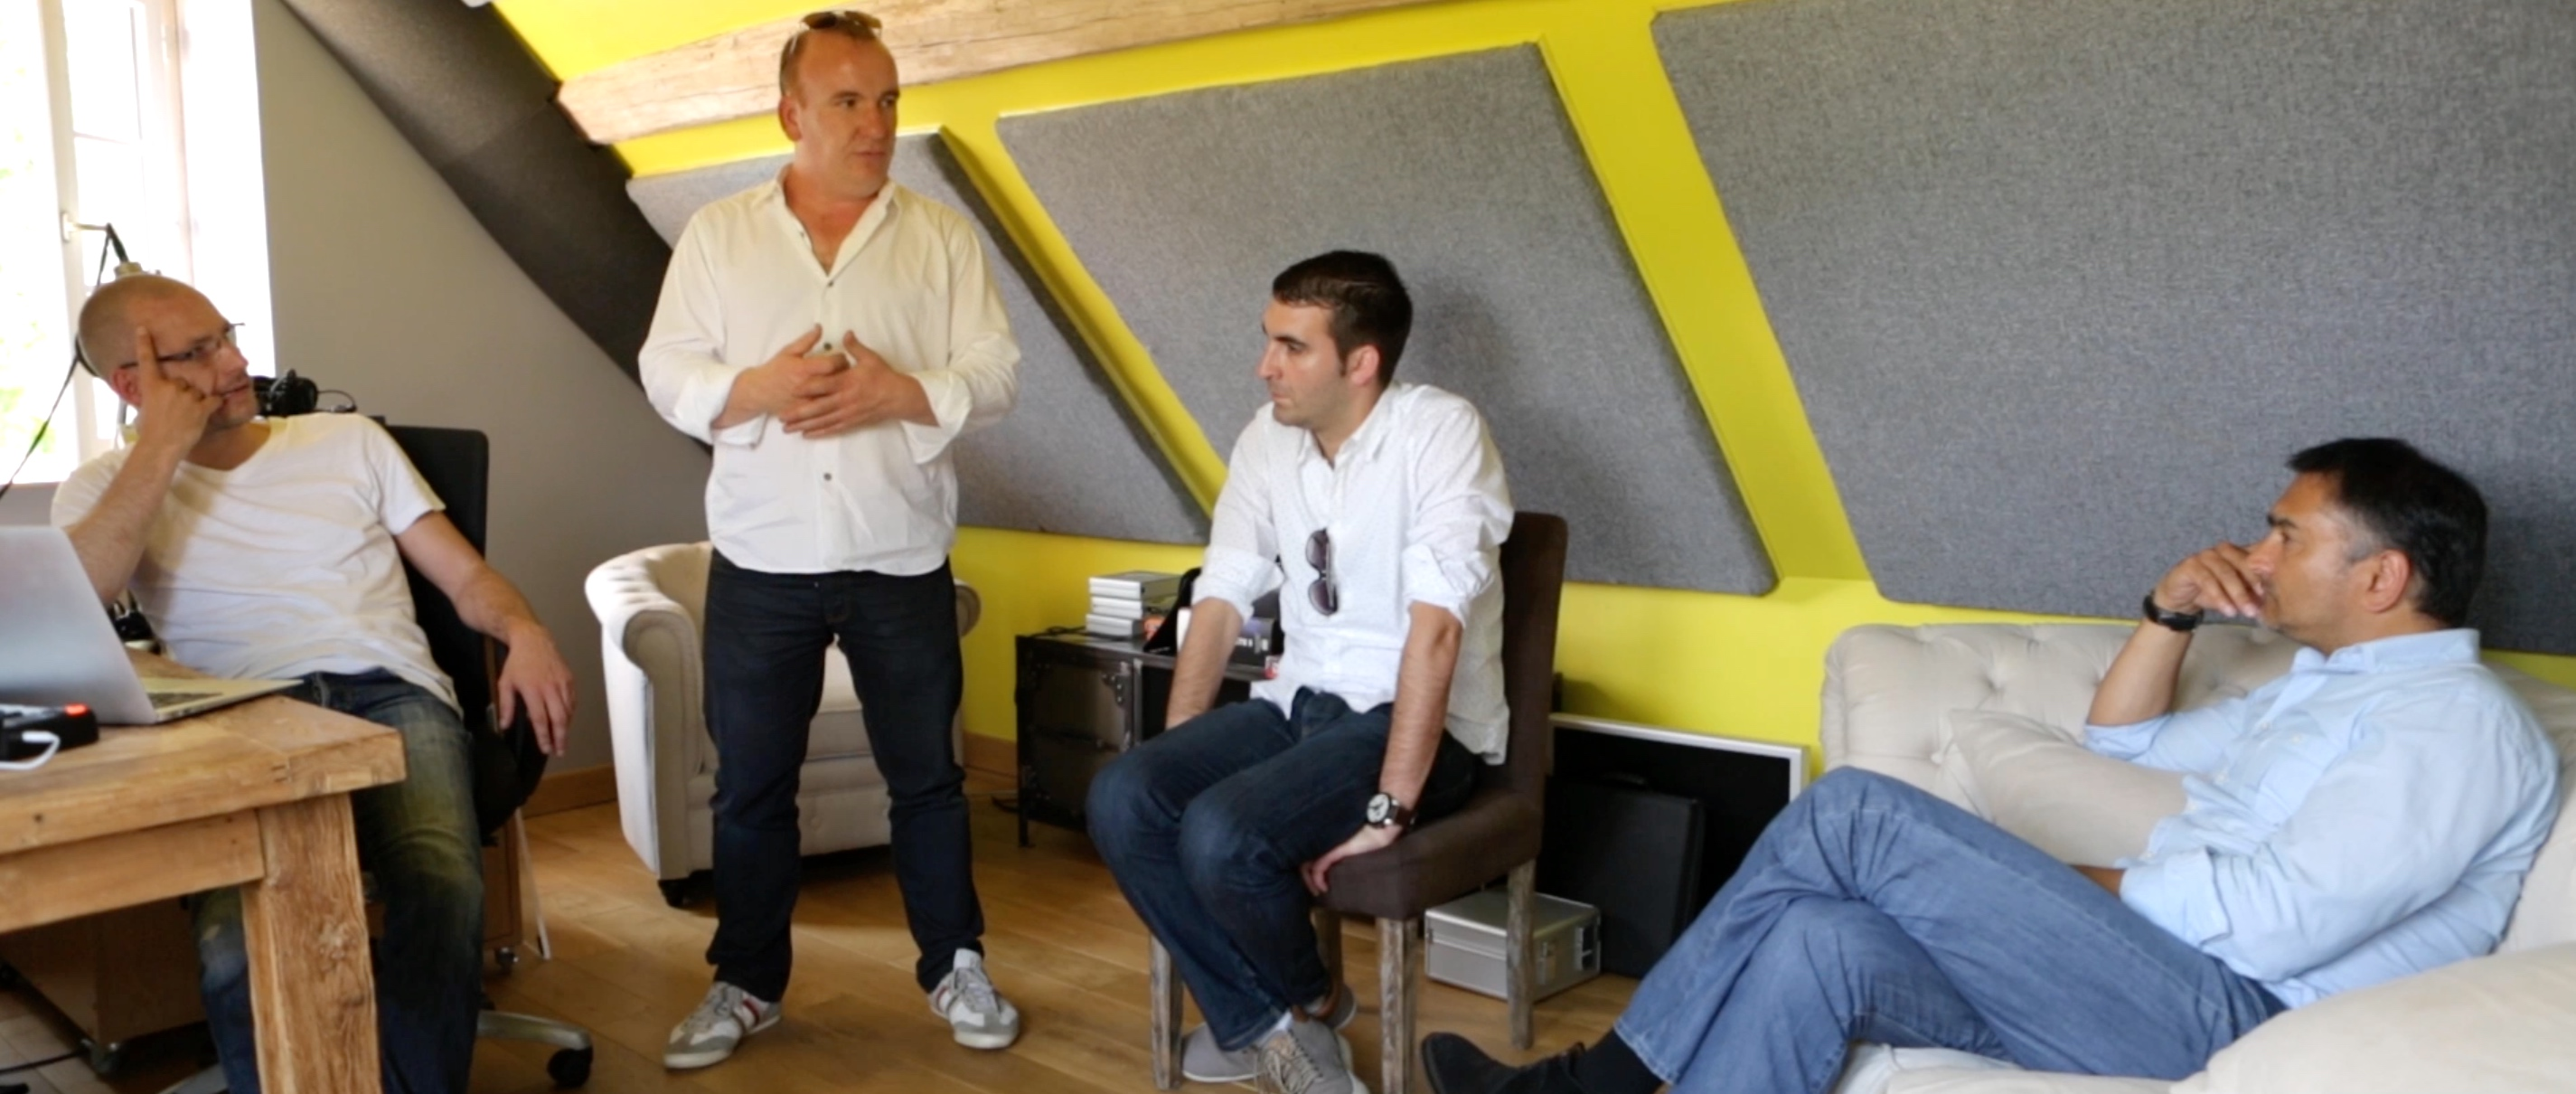 La réunion de préproduction dans le studio Soniic Design avec (de gauche à droite) Oliver Klenk, Jean-Michel Meschin, Raphaël Dauce et Dominique Lemonnier